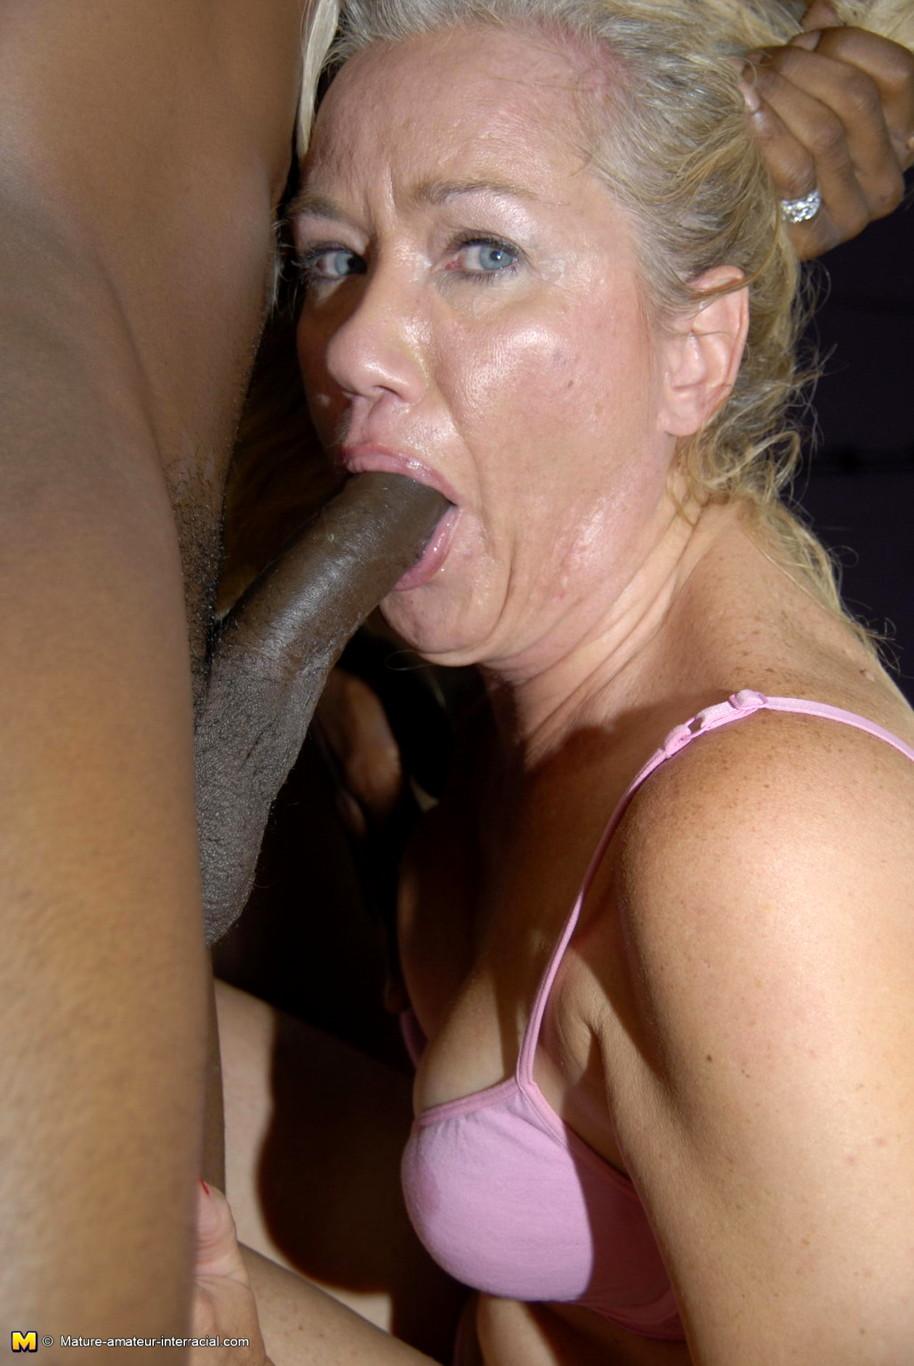 Nasty anal porn videos